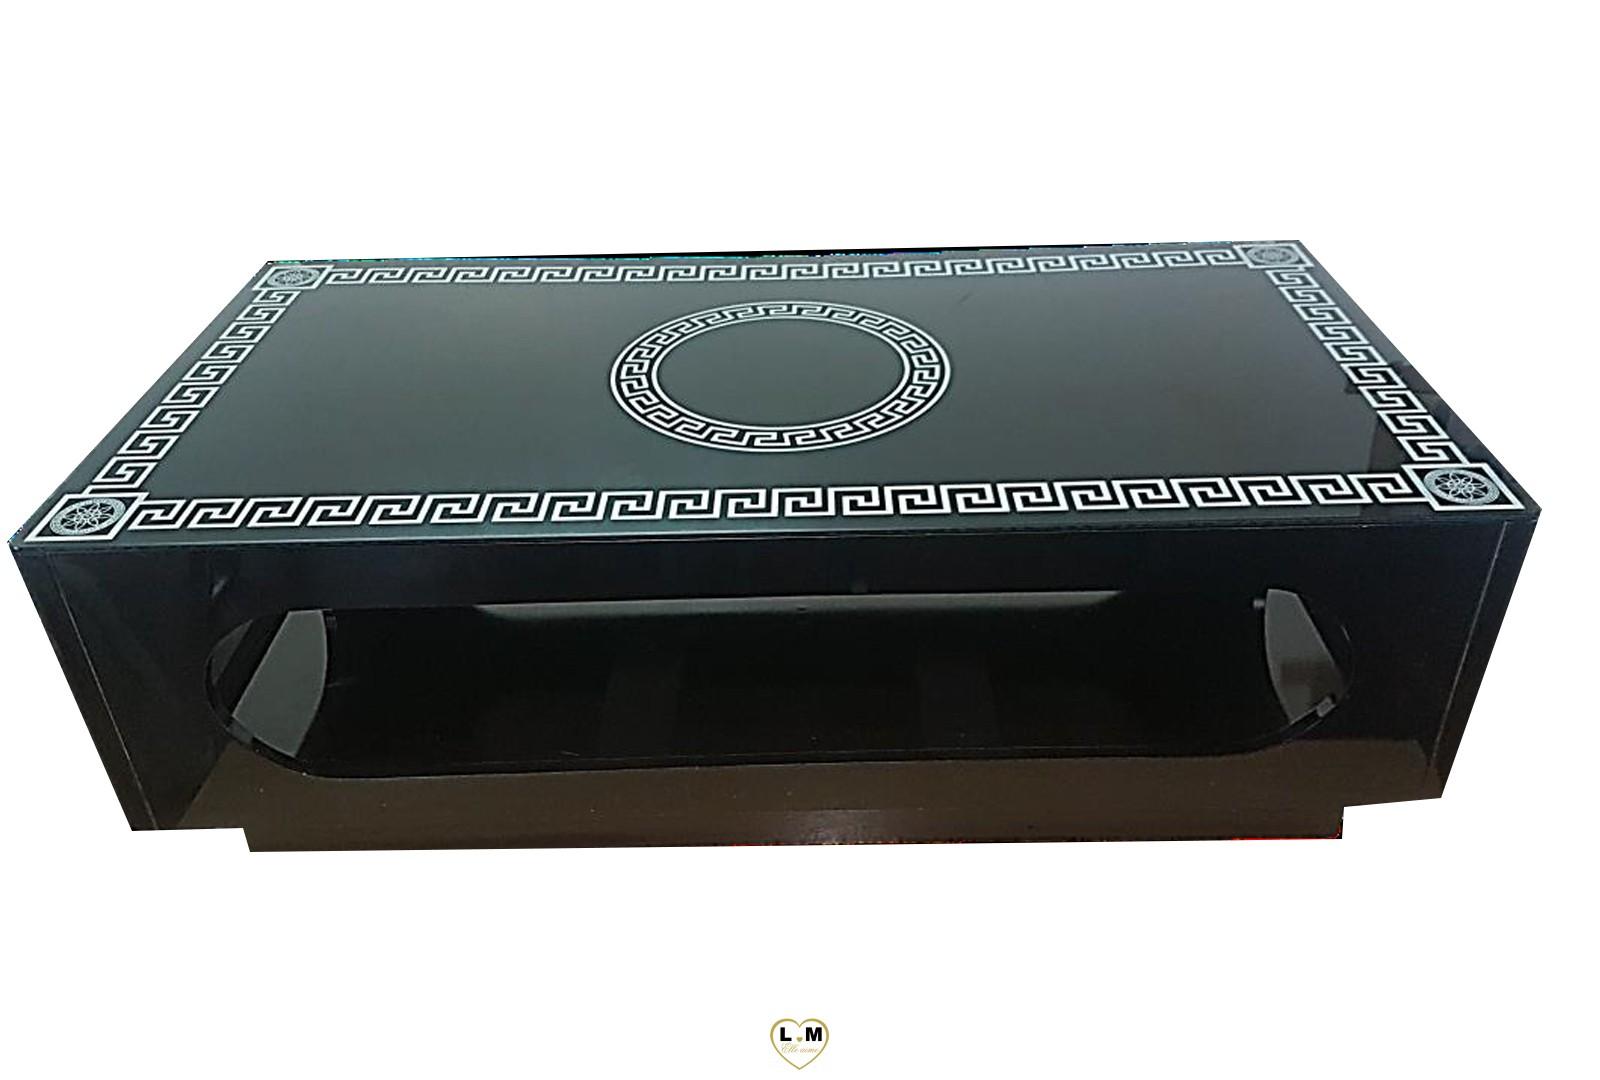 Ronsard table basse noire lignemeuble com - Canape versace ...